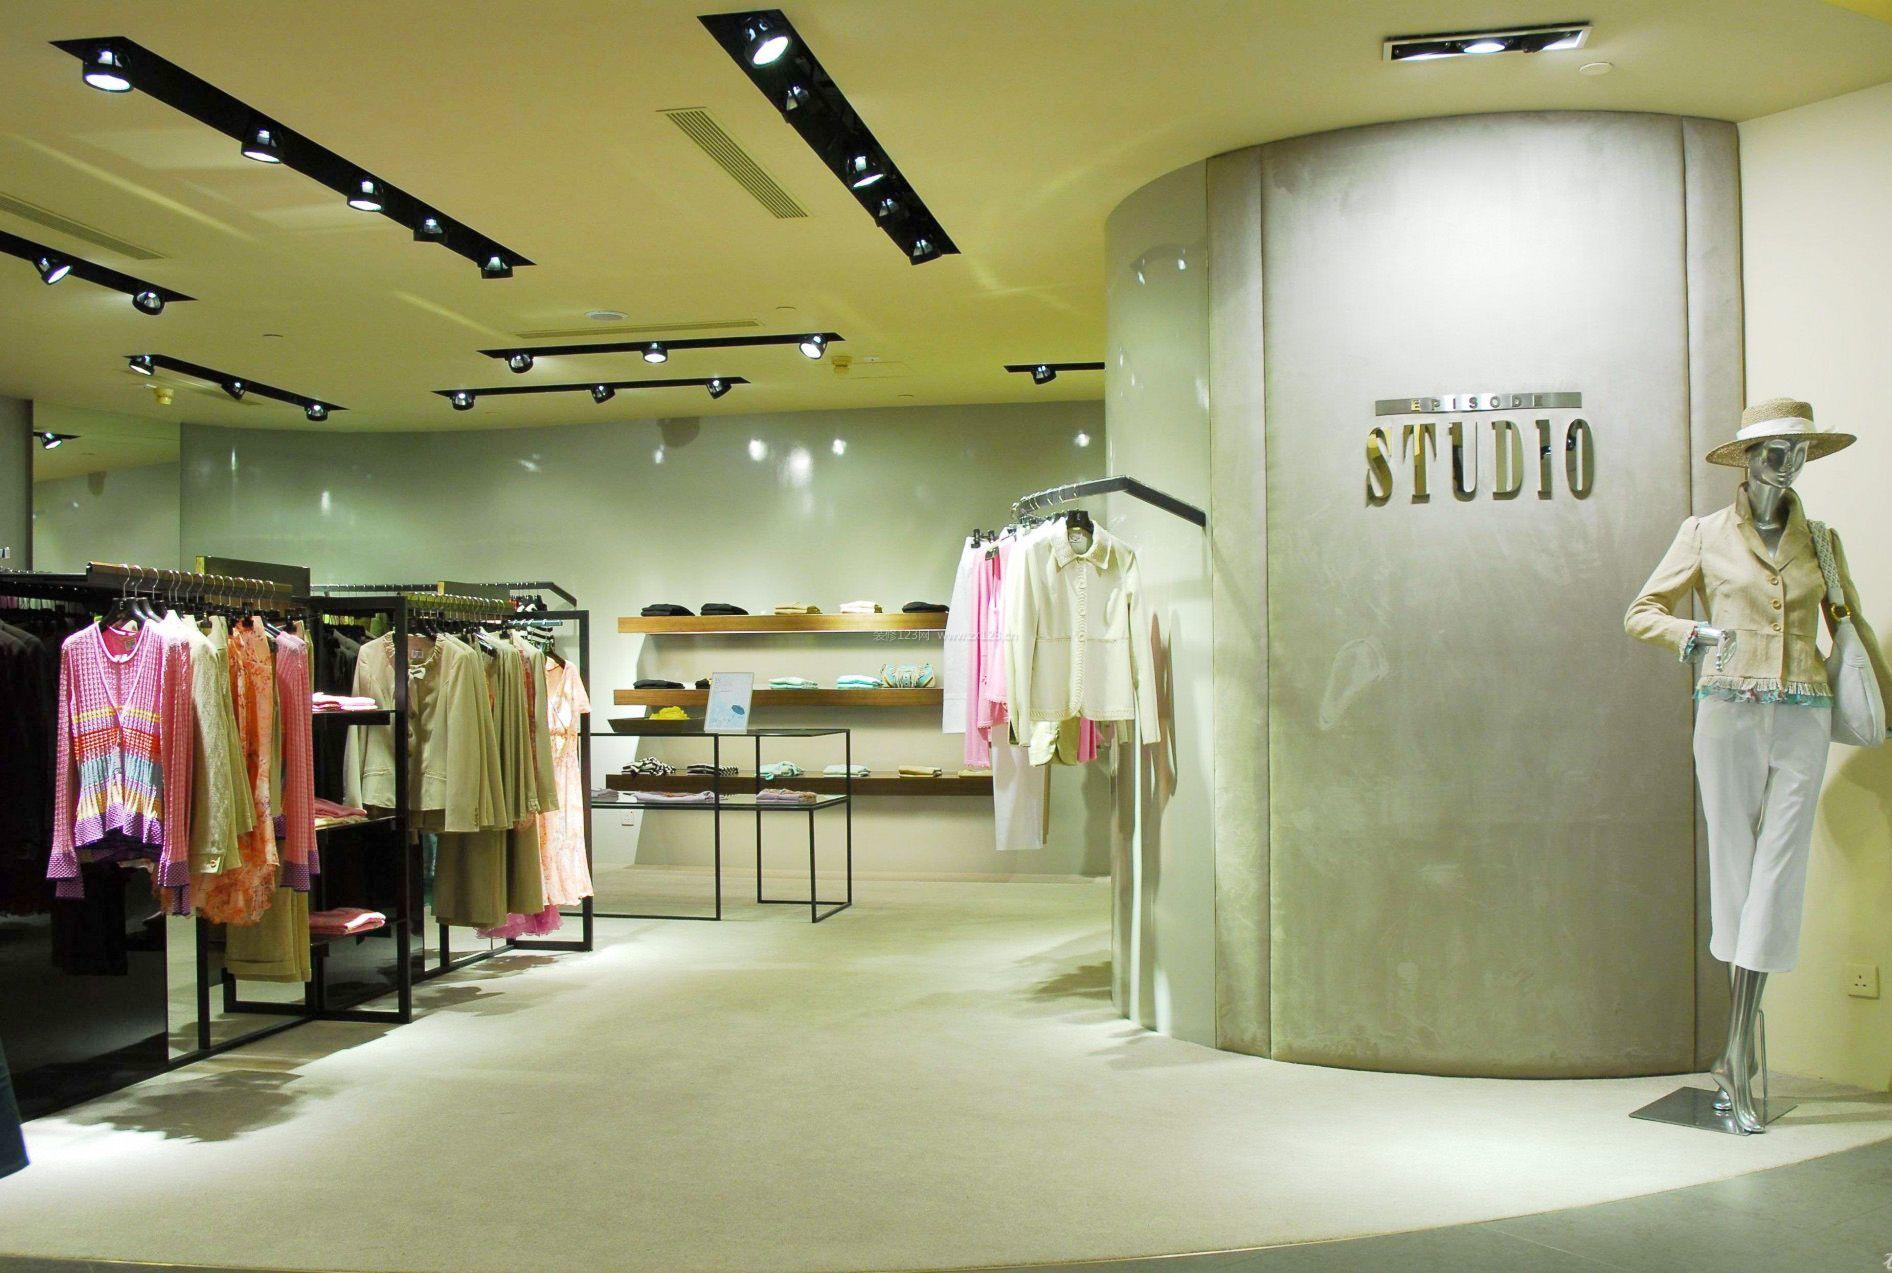 最新欧美服装店装修风格图片